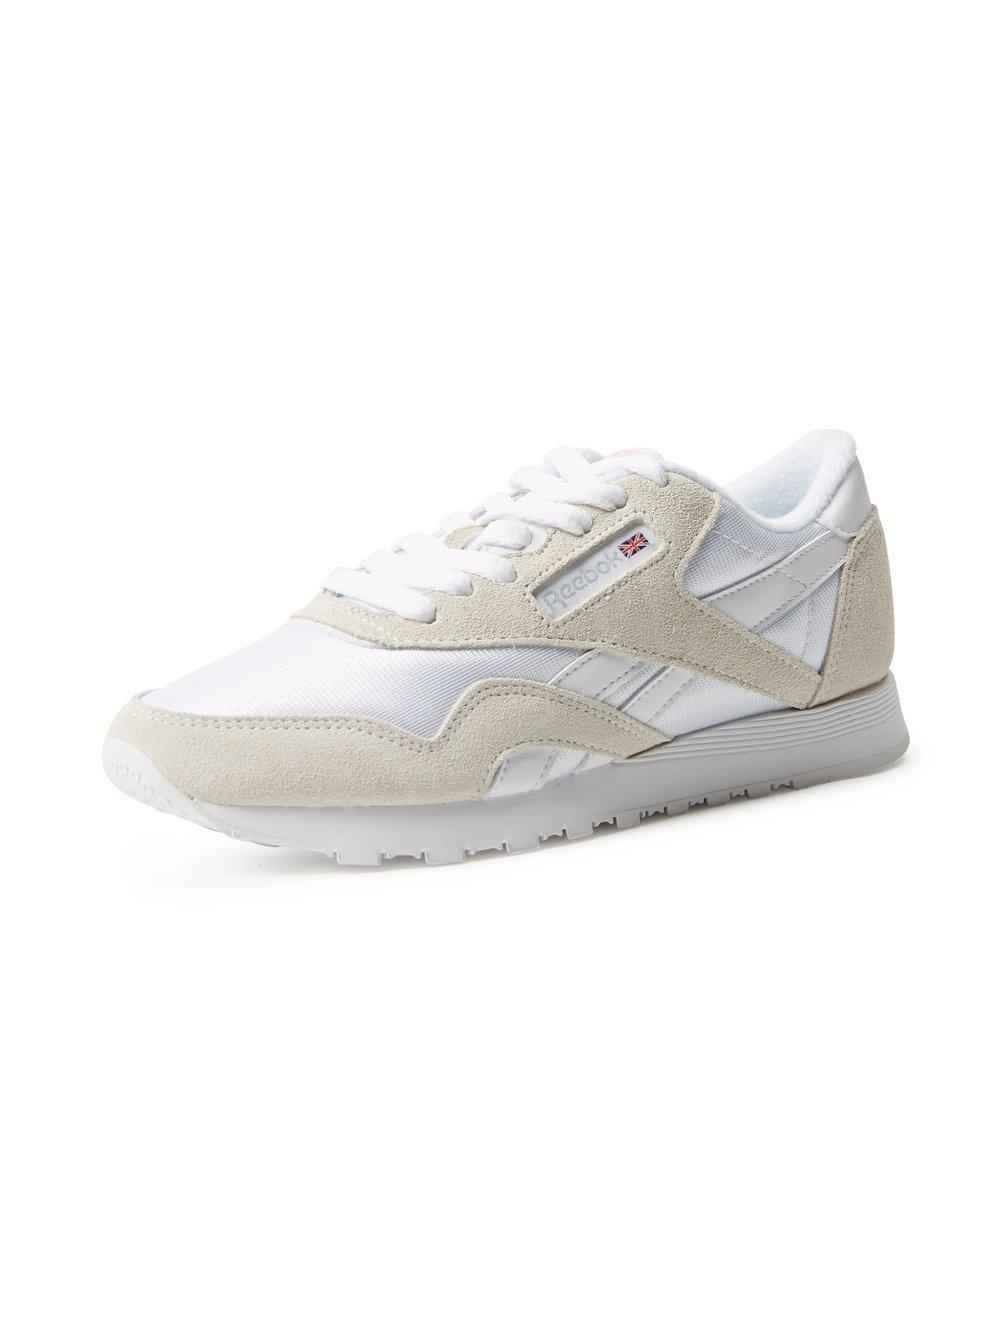 Reebok Damen Sneaker online kaufen   PEEK UND CLOPPENBURG.DE